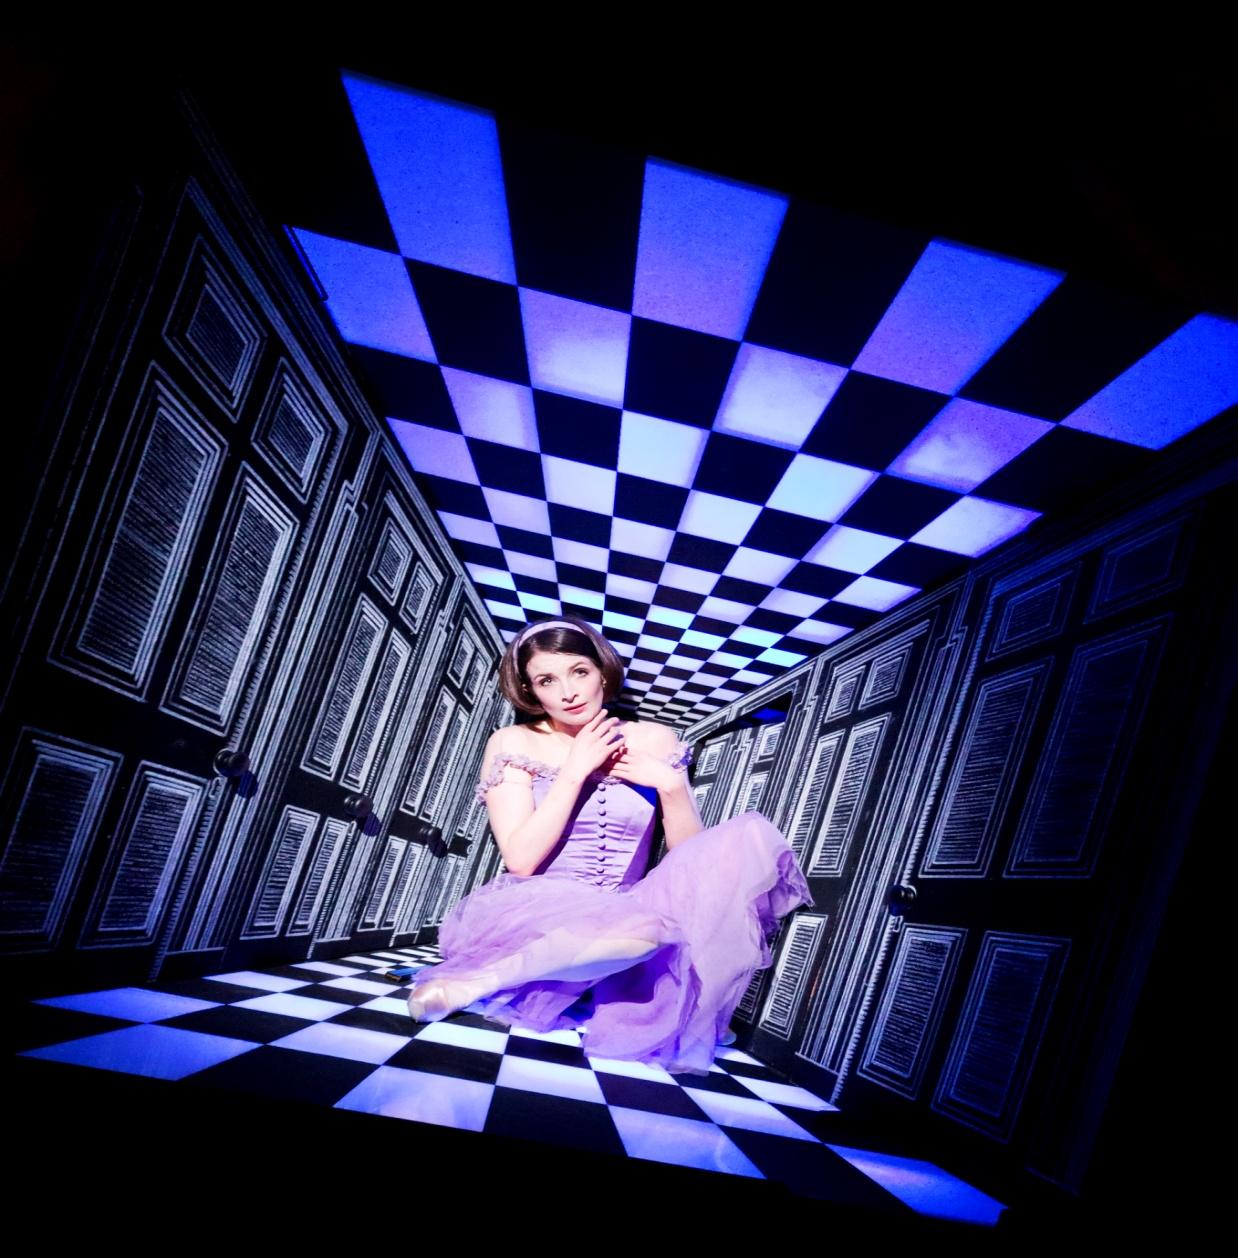 Балет «Алиса в стране чудес» Королевского оперного театра Великобритании